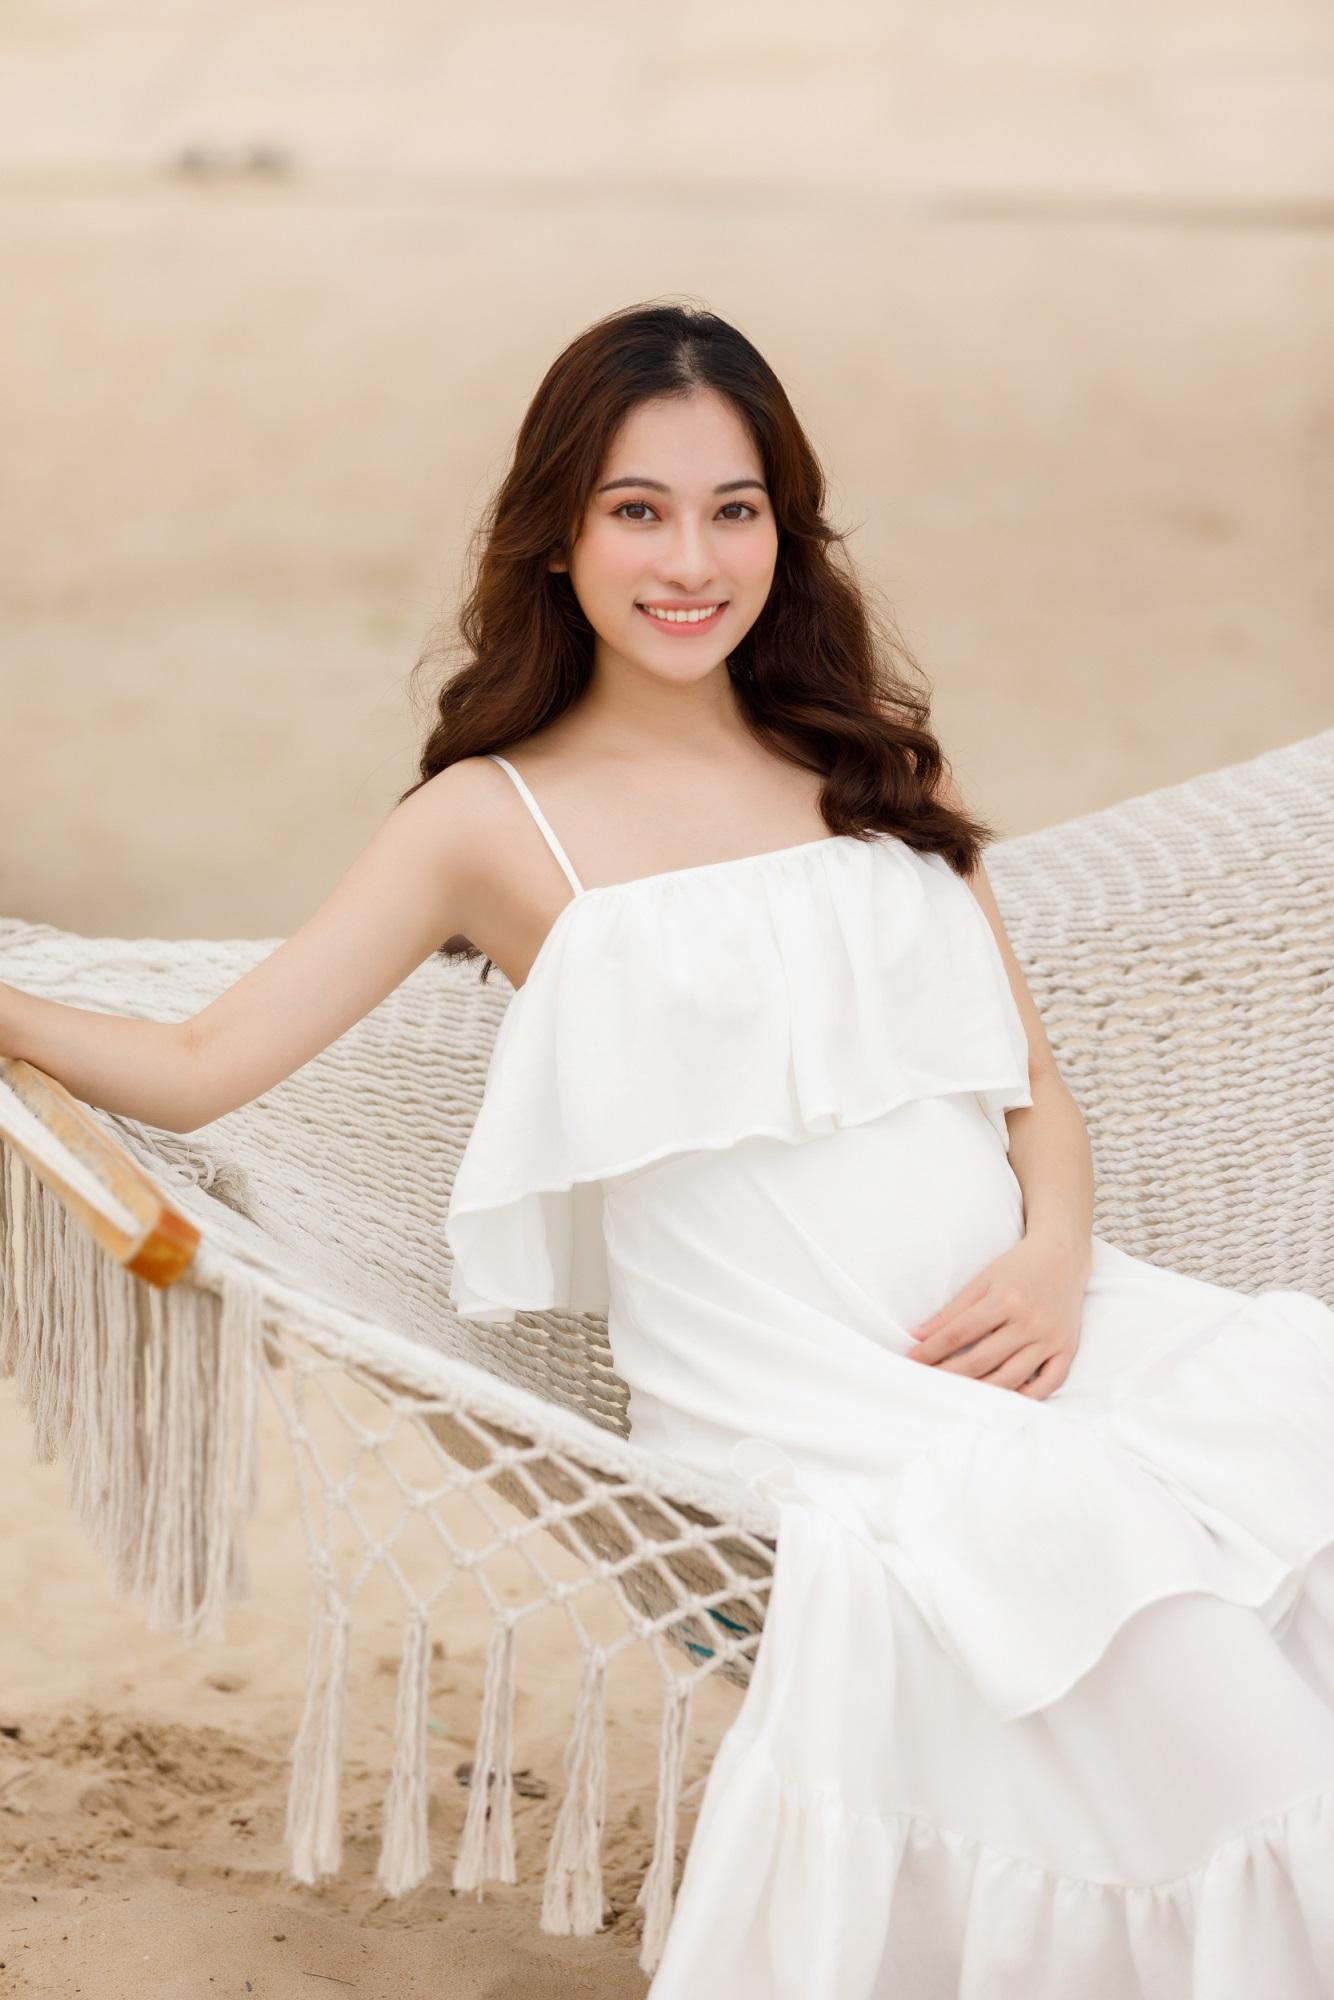 Sara Lưu khoe cận cảnh bụng bầu mang song thai, tiết lộ lý do giữ kín tin vui suốt 4 tháng - Ảnh 3